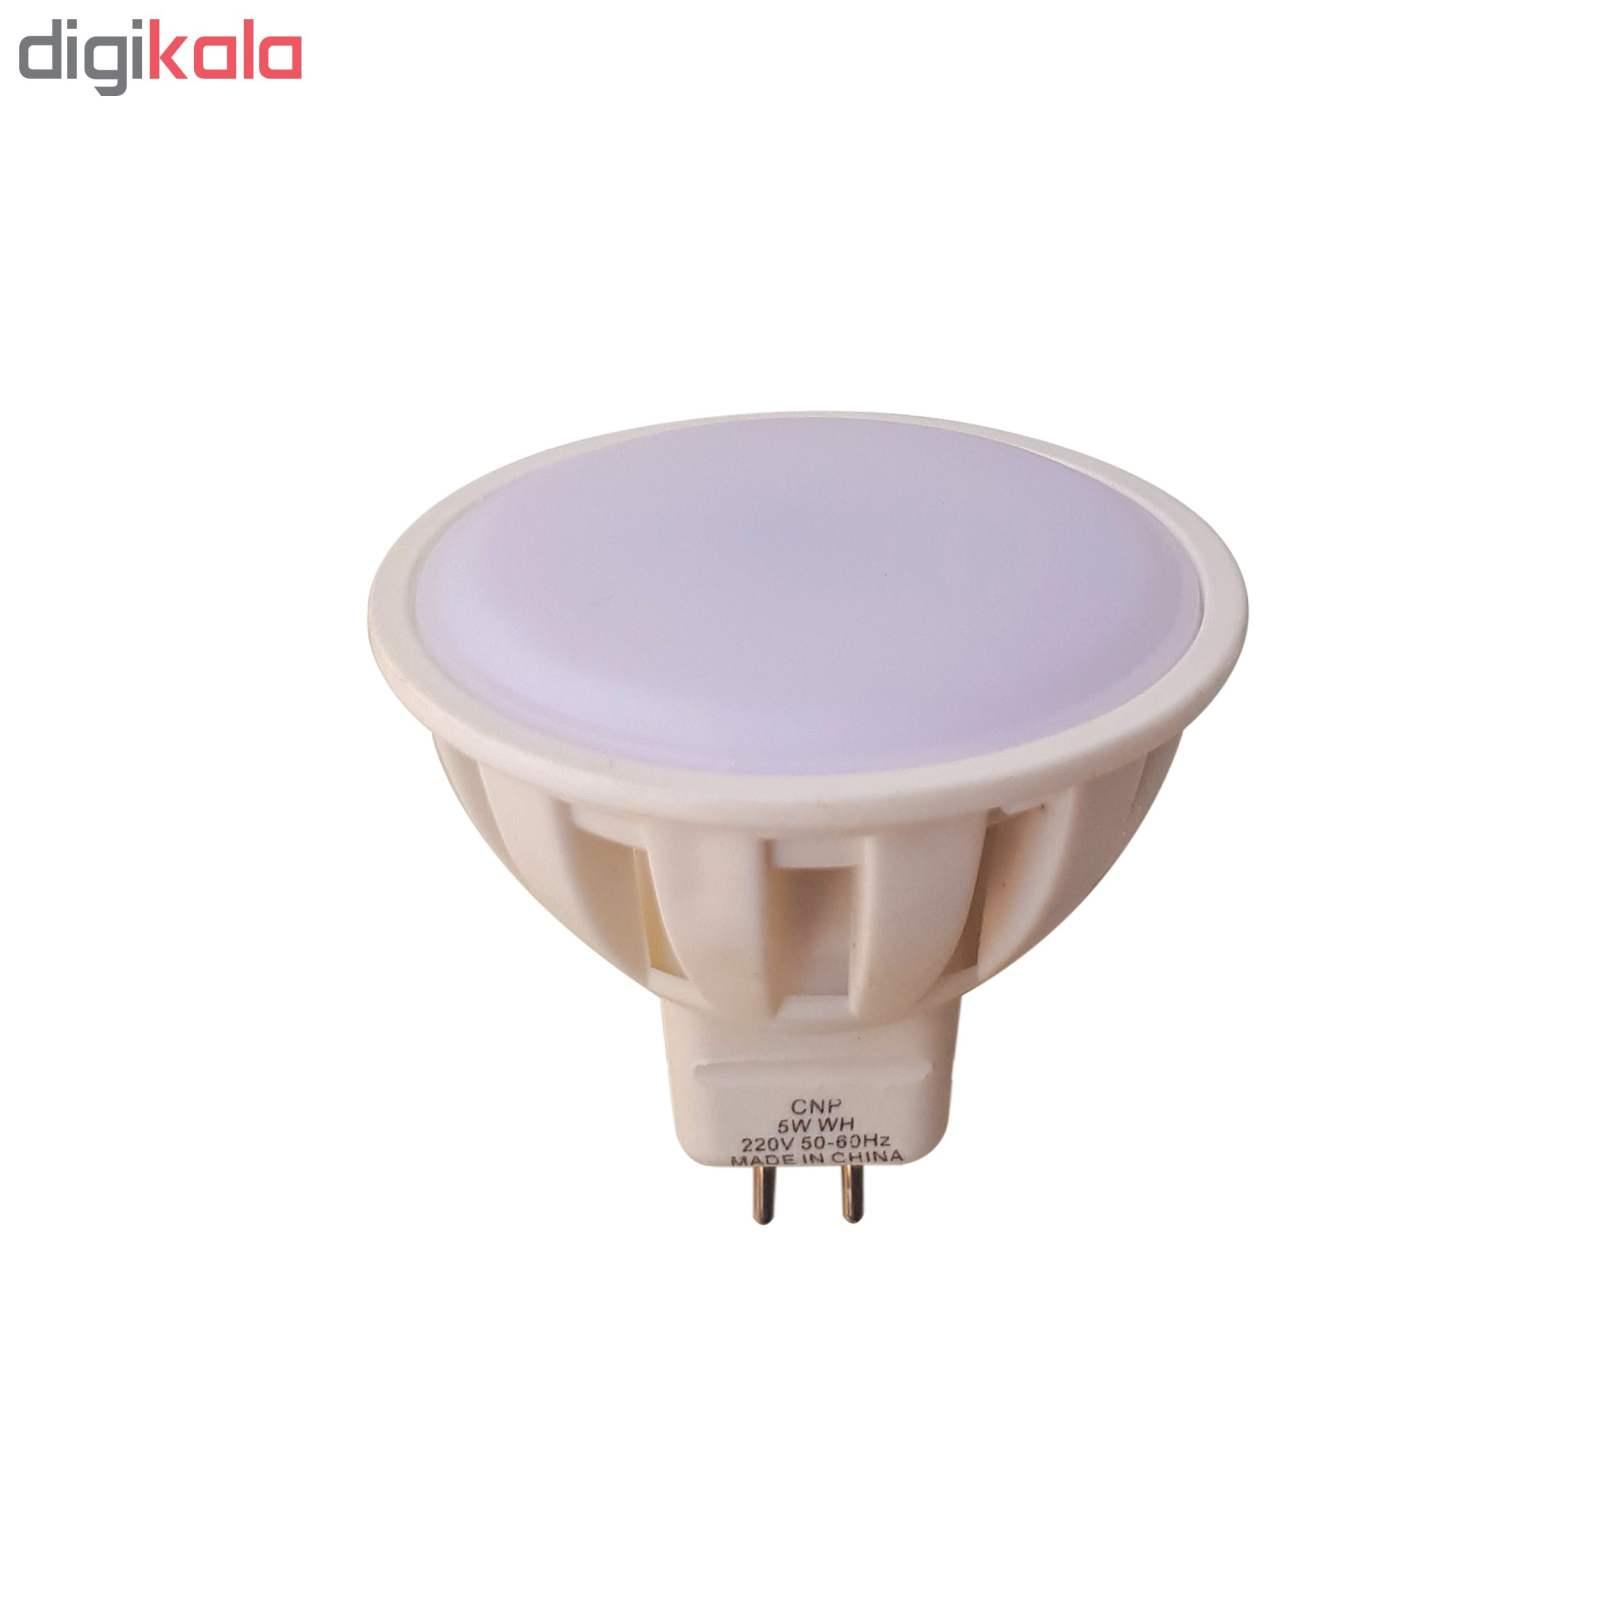 لامپ هالوژن ال ای دی 5 وات مدل CNP پایه سوزنی بسته 50 عددی main 1 2